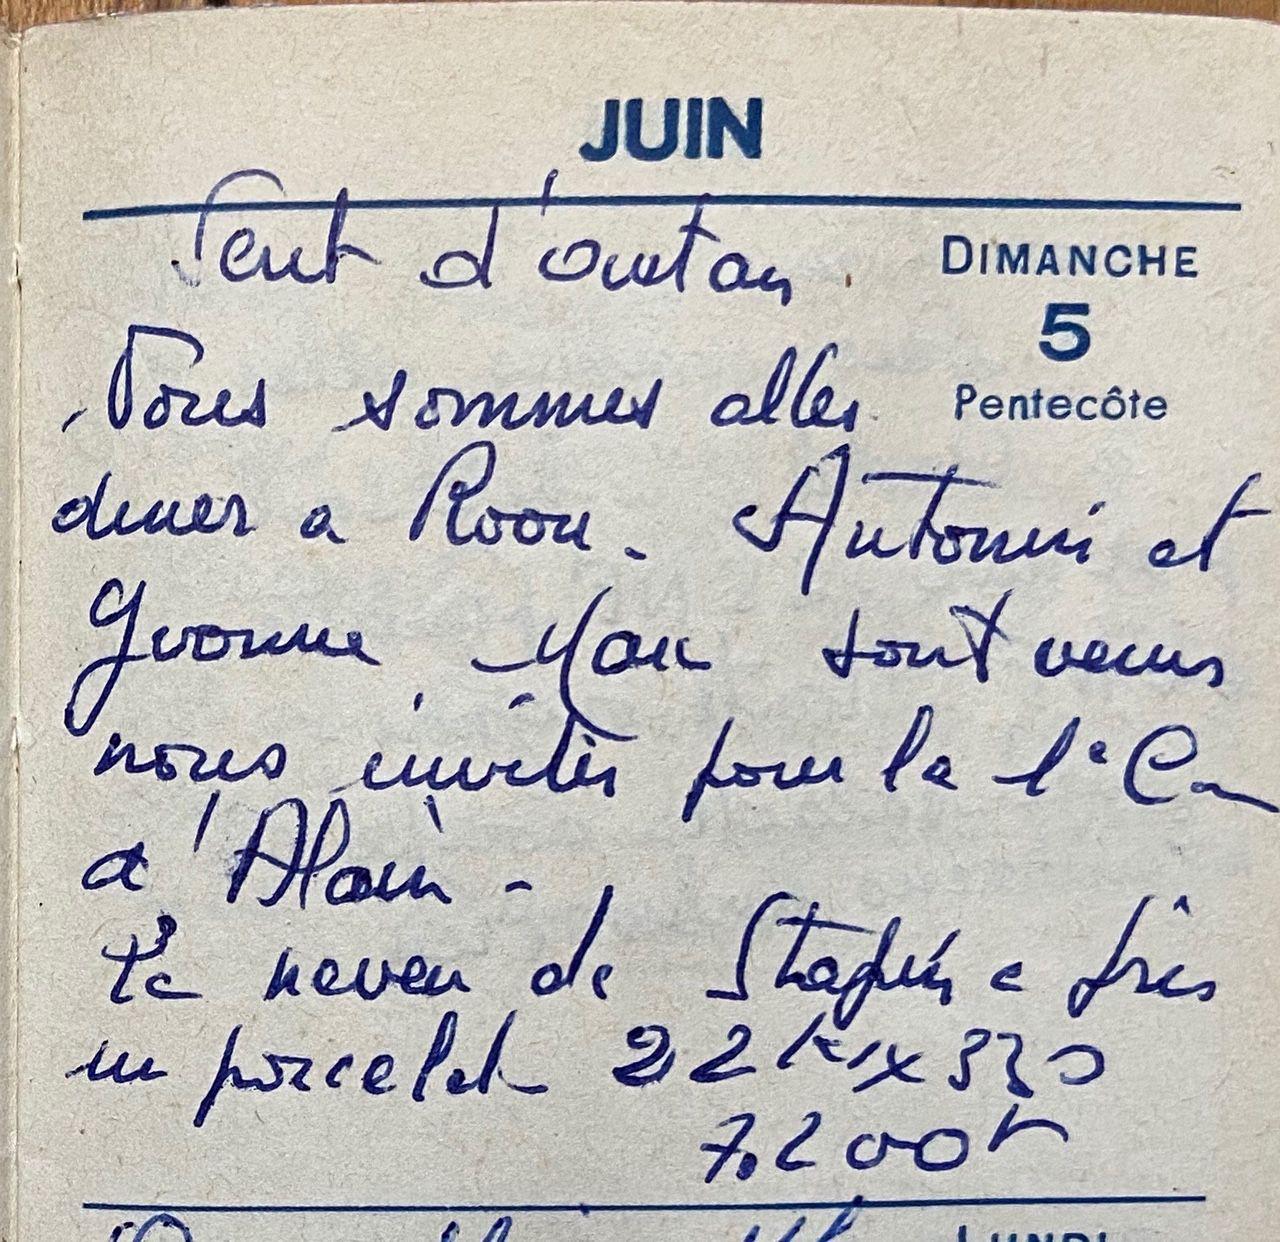 Dimanche 5 juin 1960 - l'invitation d'Yvonne et Antonin